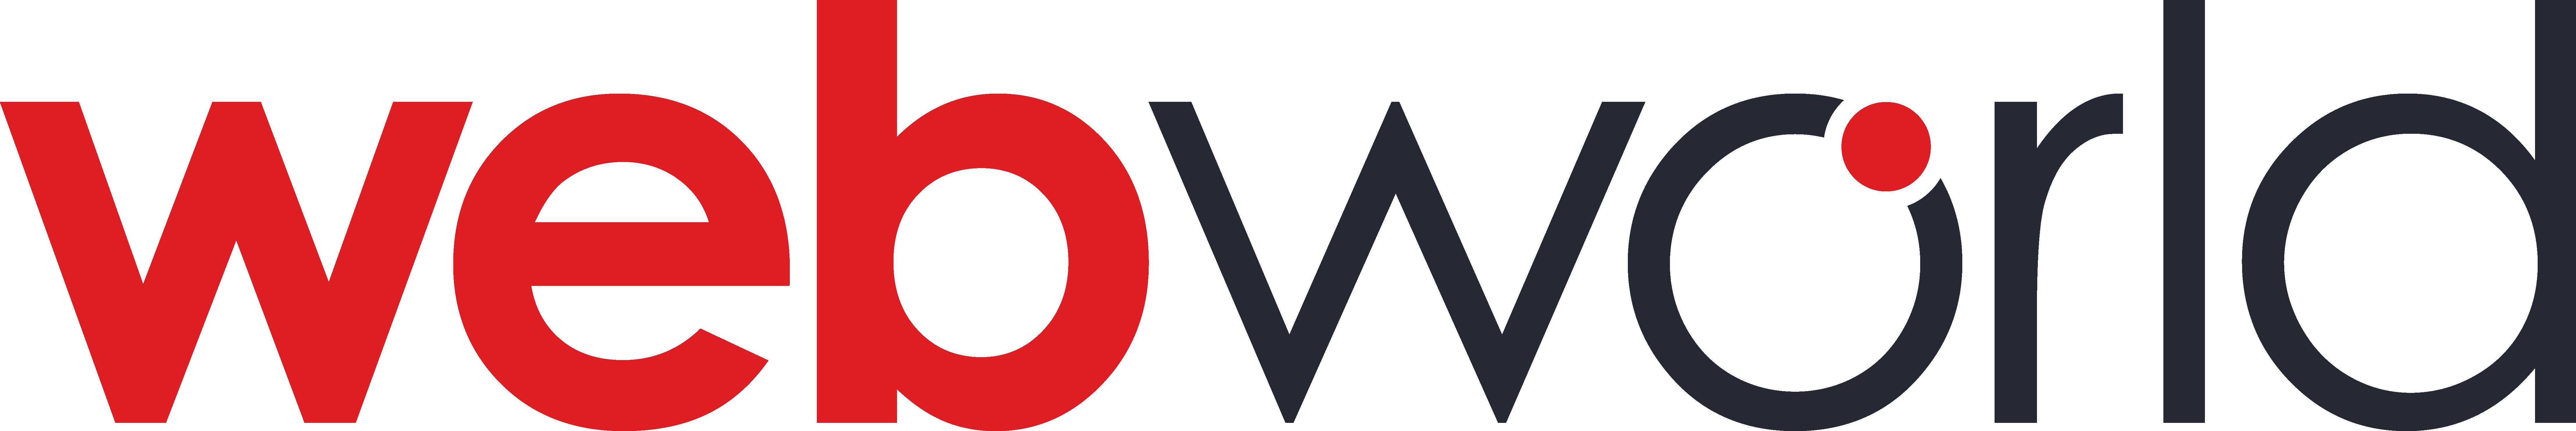 Web World Ireland